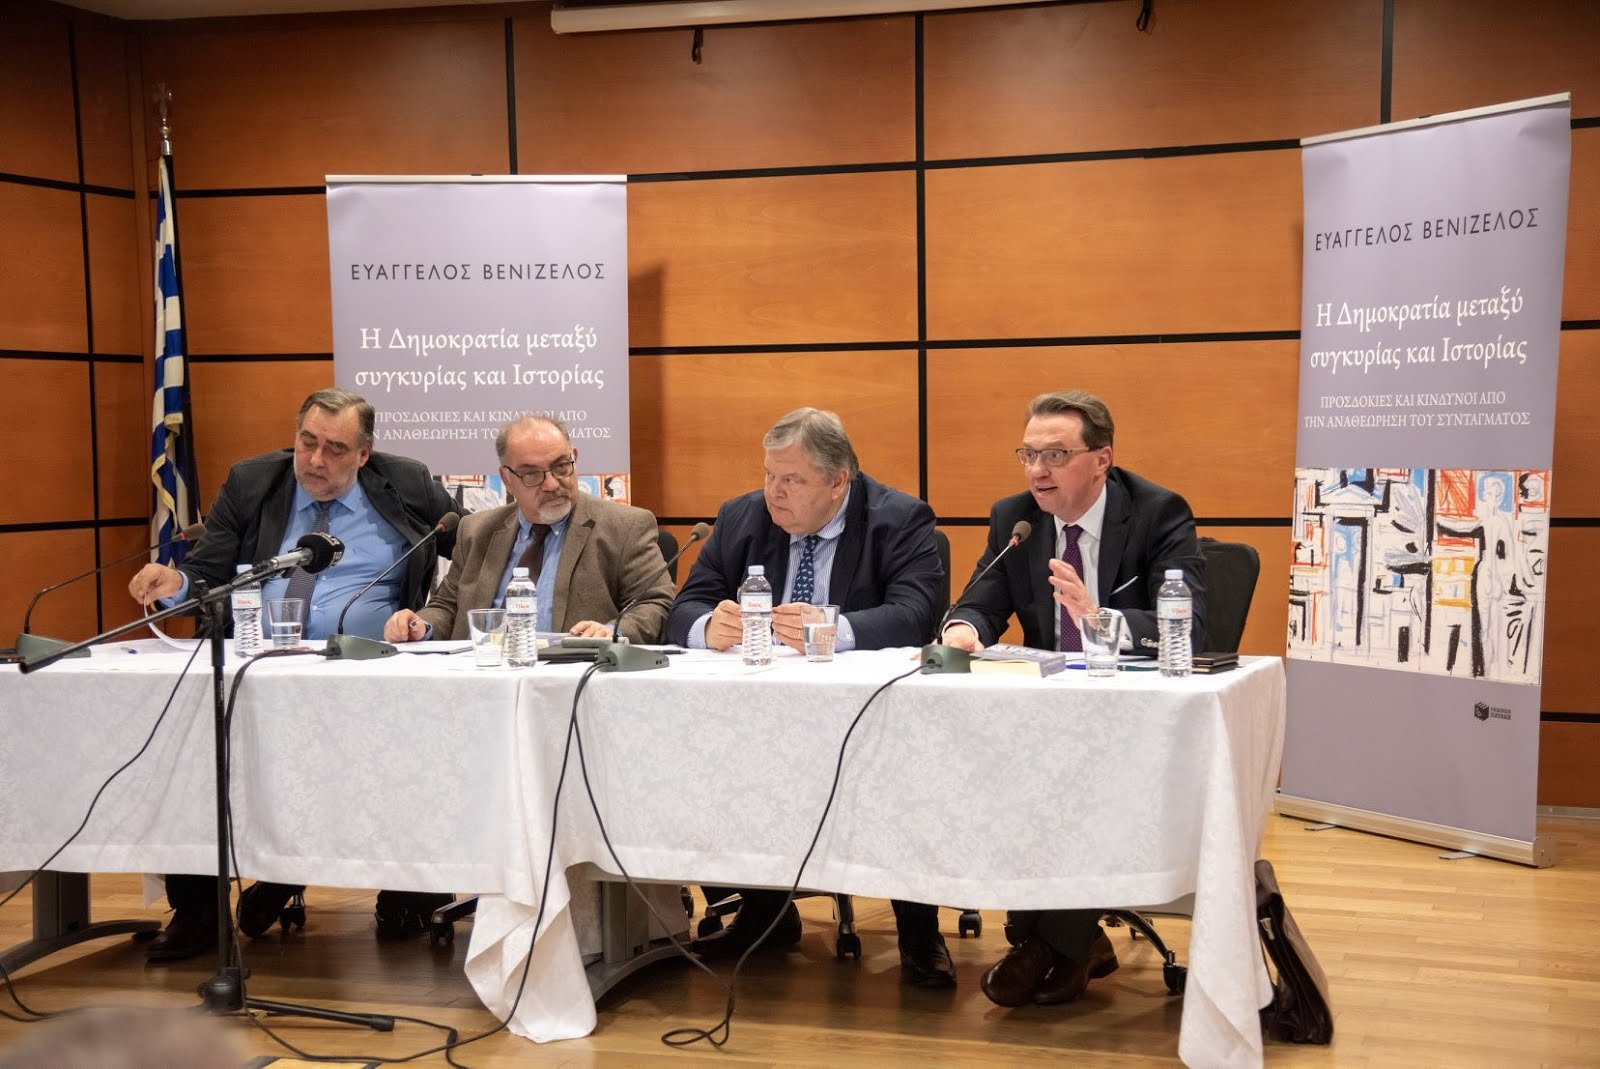 """24-2-19 Παρουσίαση του βιβλίου του Ευάγγελου Βενιζέλου Η Δημοκρατία μεταξύ συγκυρίας και Ιστορίας"""""""""""